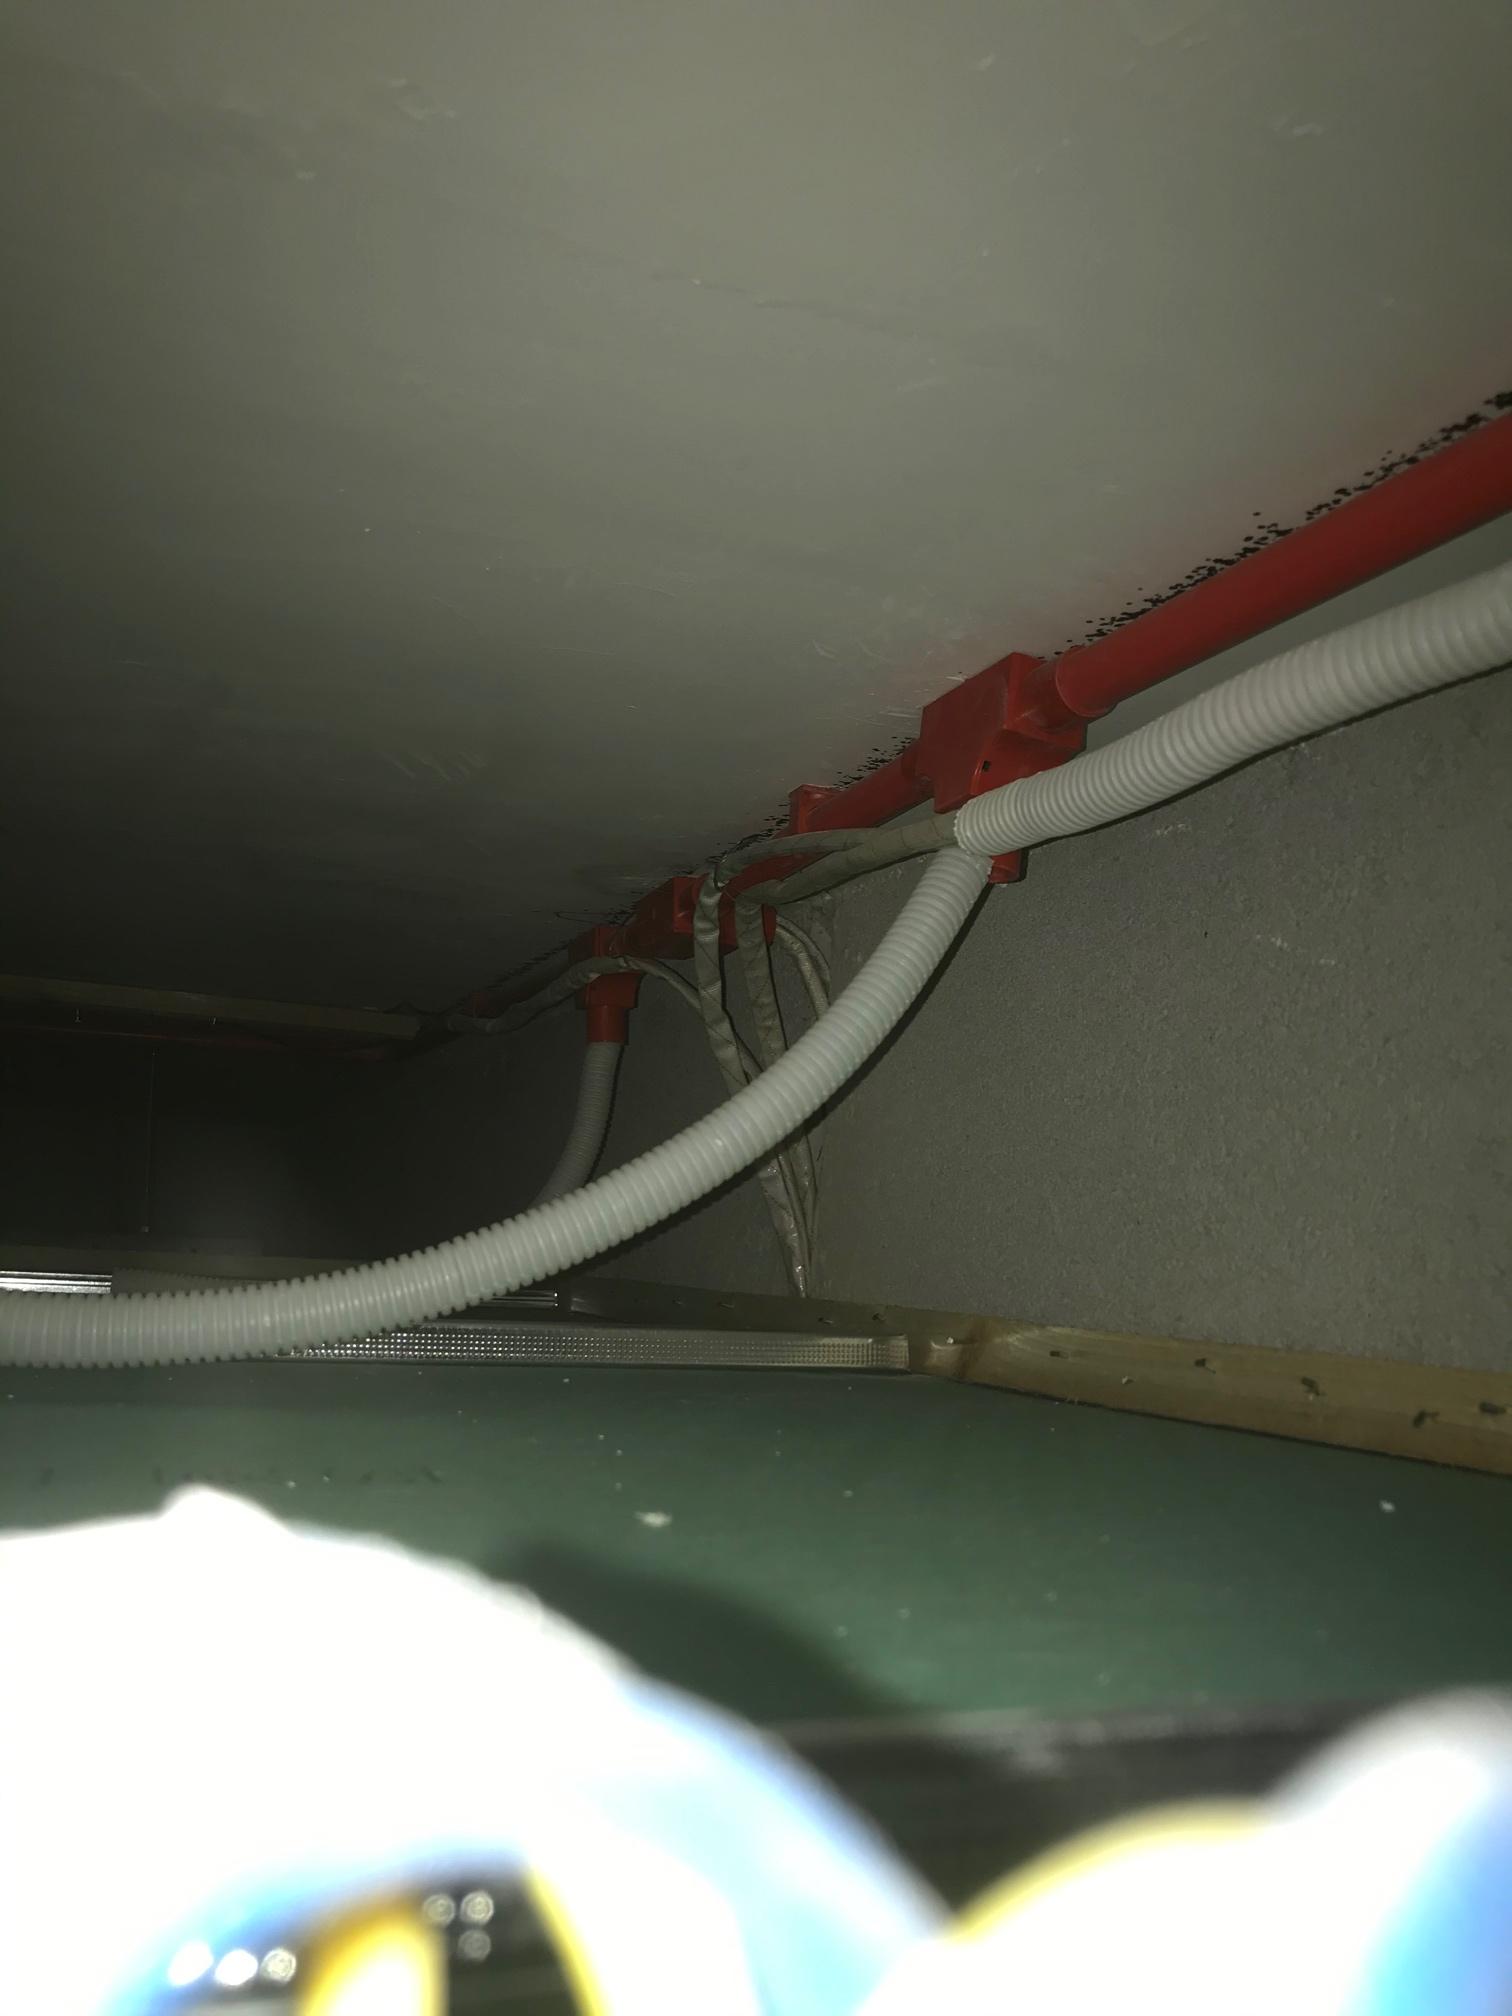 这样做吊顶稳固吗,主龙骨是木还是轻钢呢